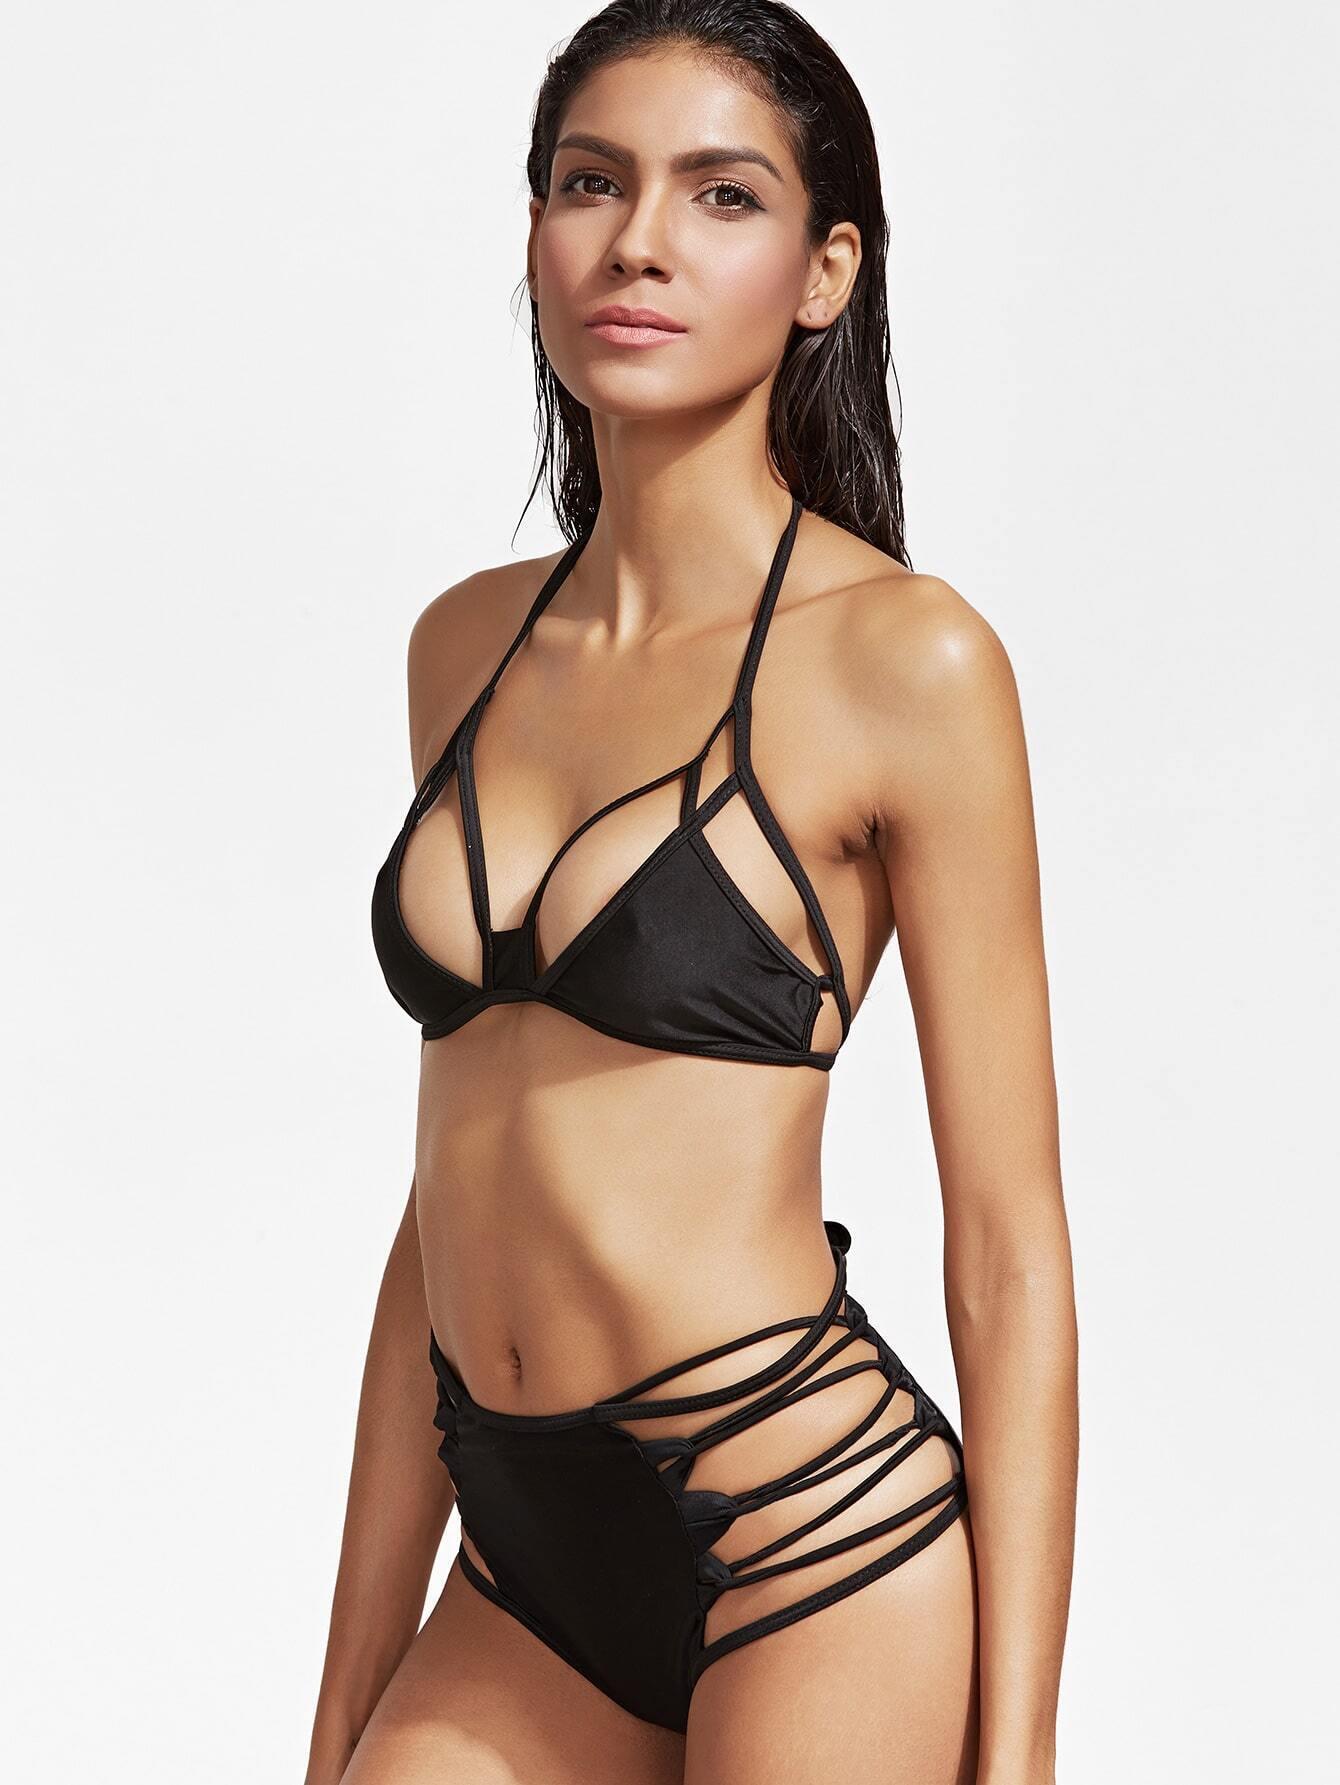 Black Cutout Lace Up High Waist Bikini Set swimwear161222309